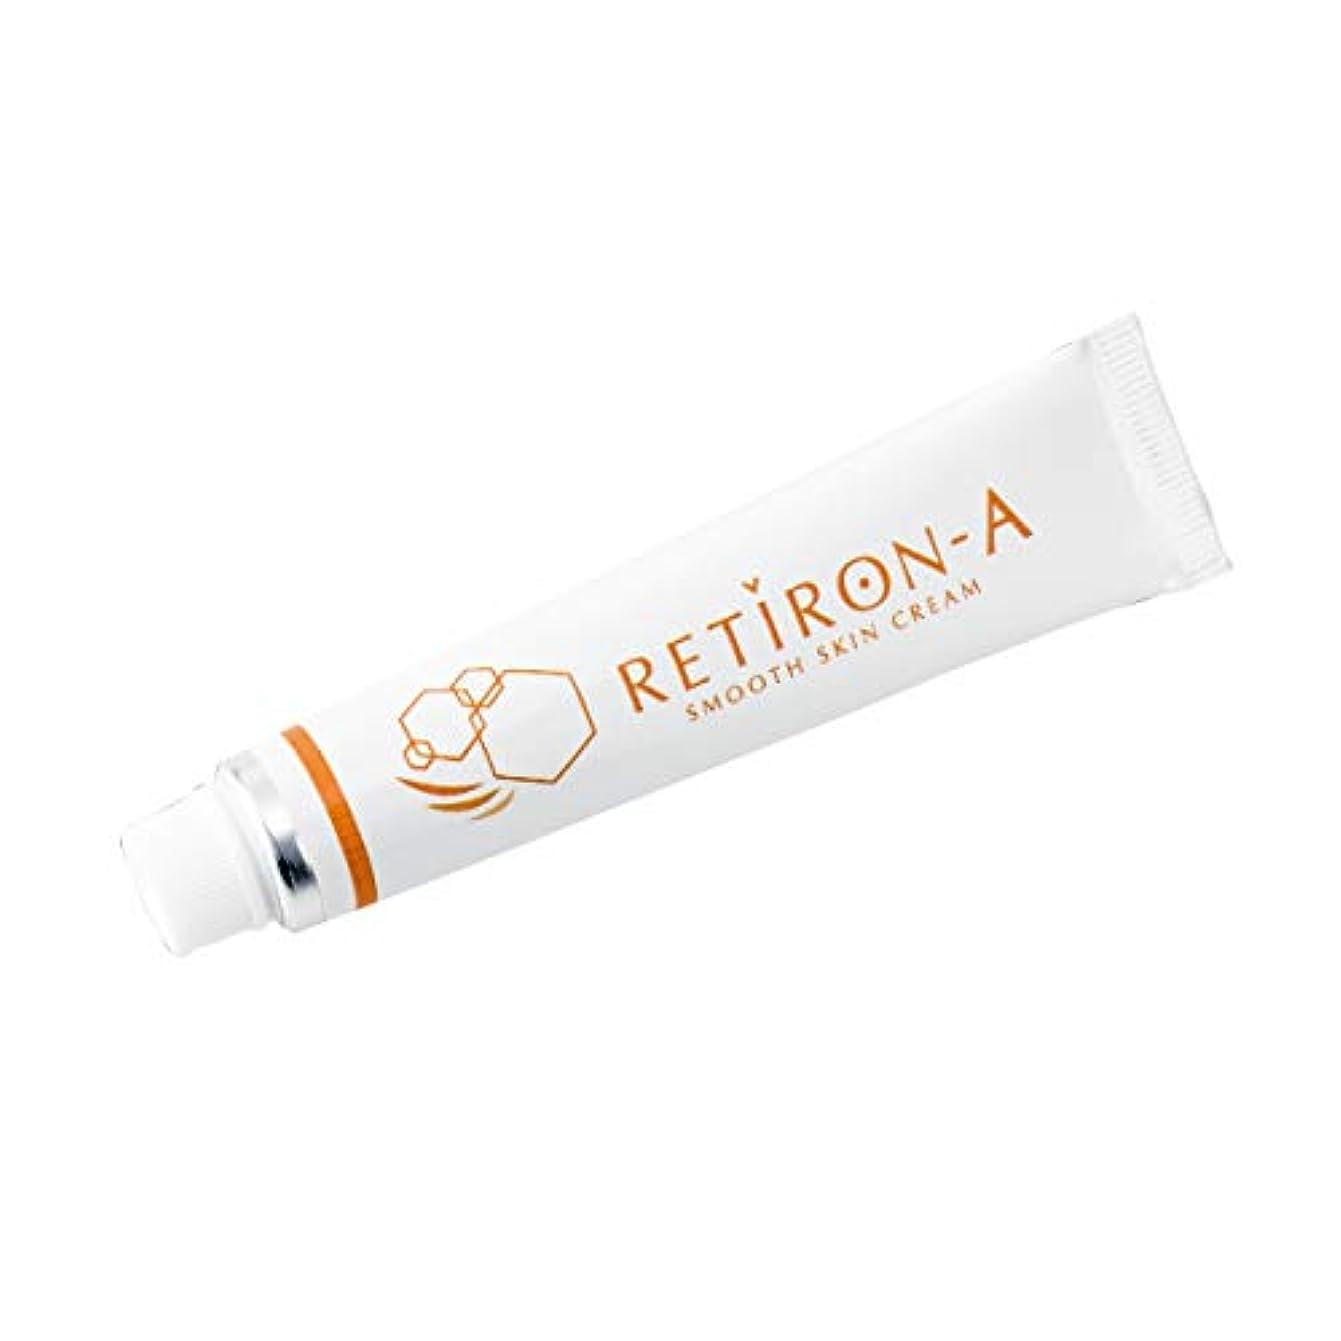 示す錫進化するクリーム 化粧品 レチノール配合 レチロンA パラベンフリー